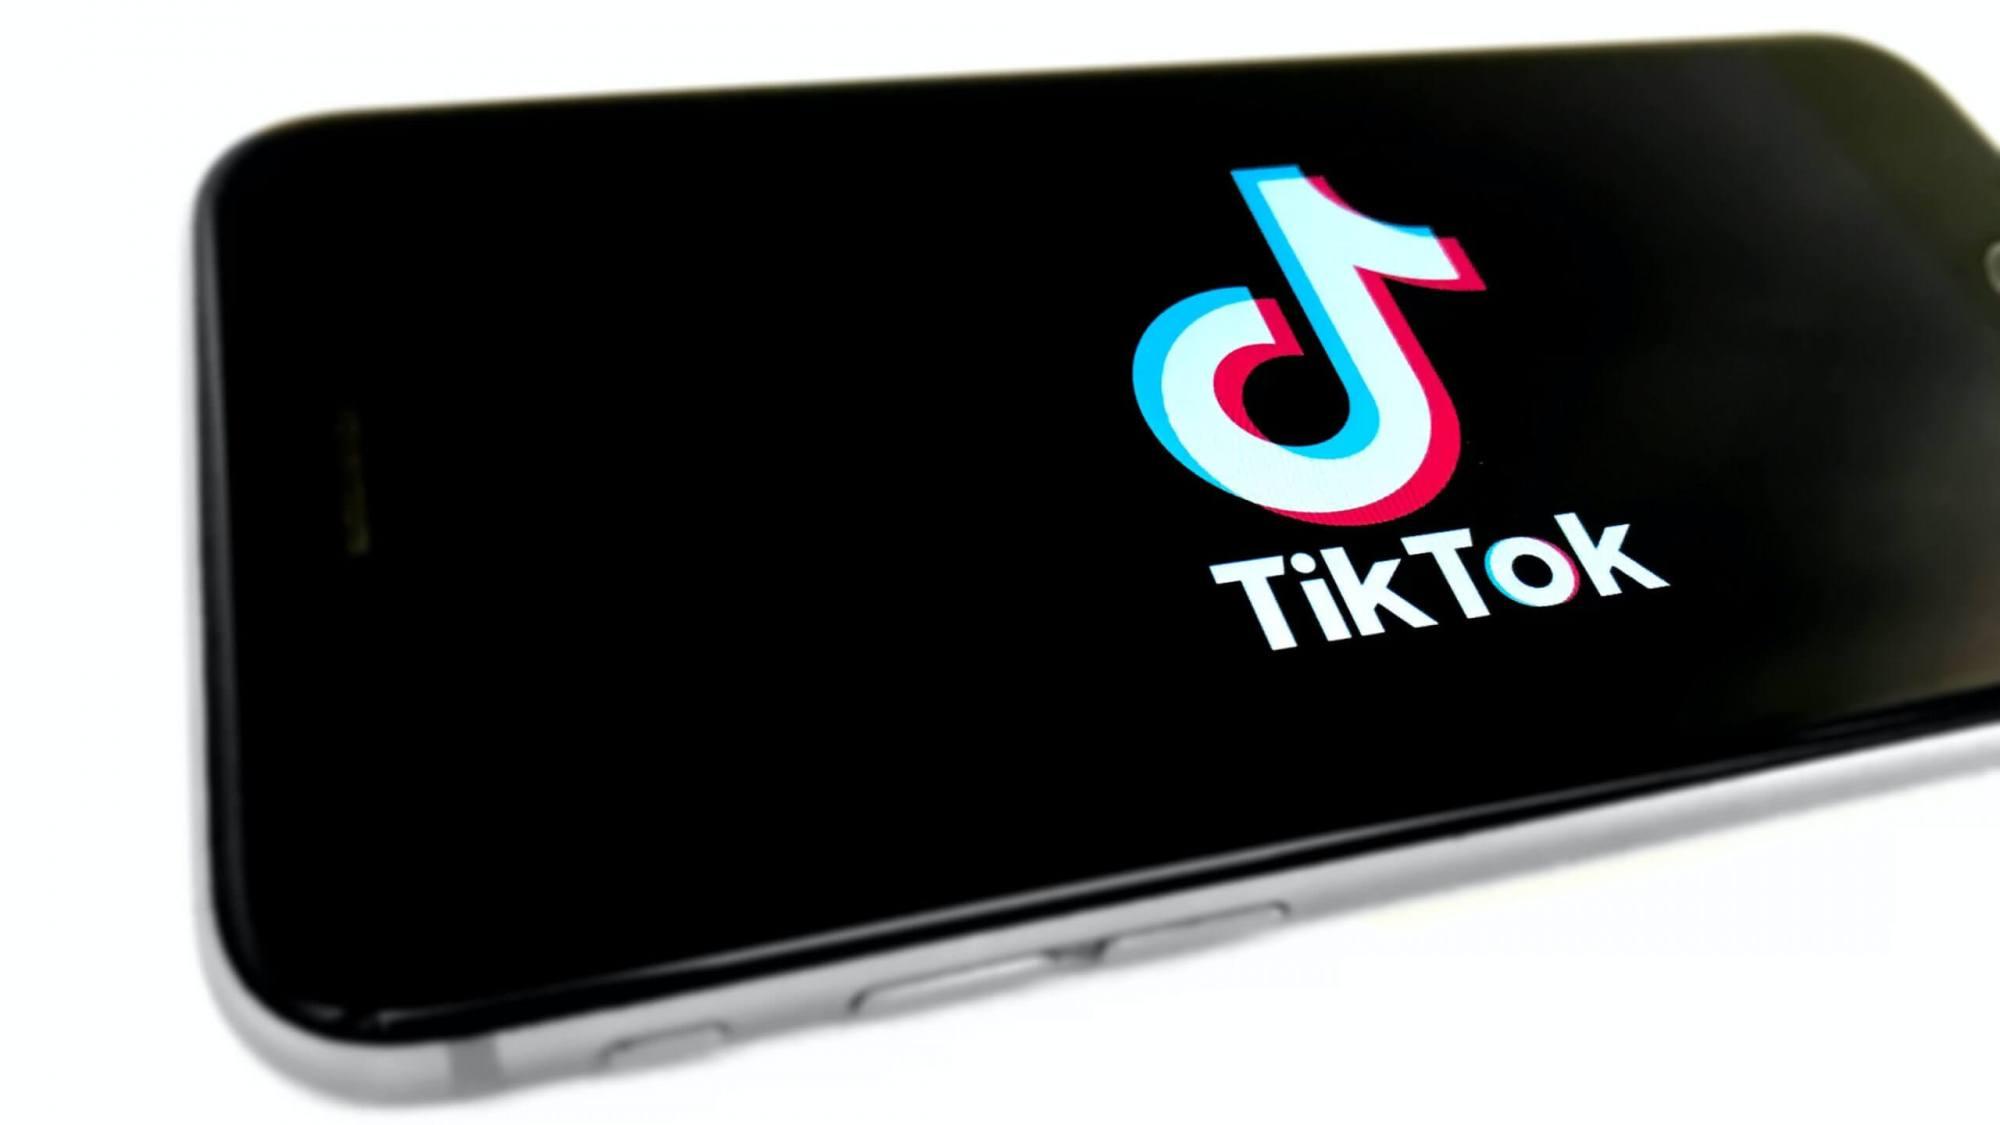 TikTok Viral - Viralität ist nicht planbar